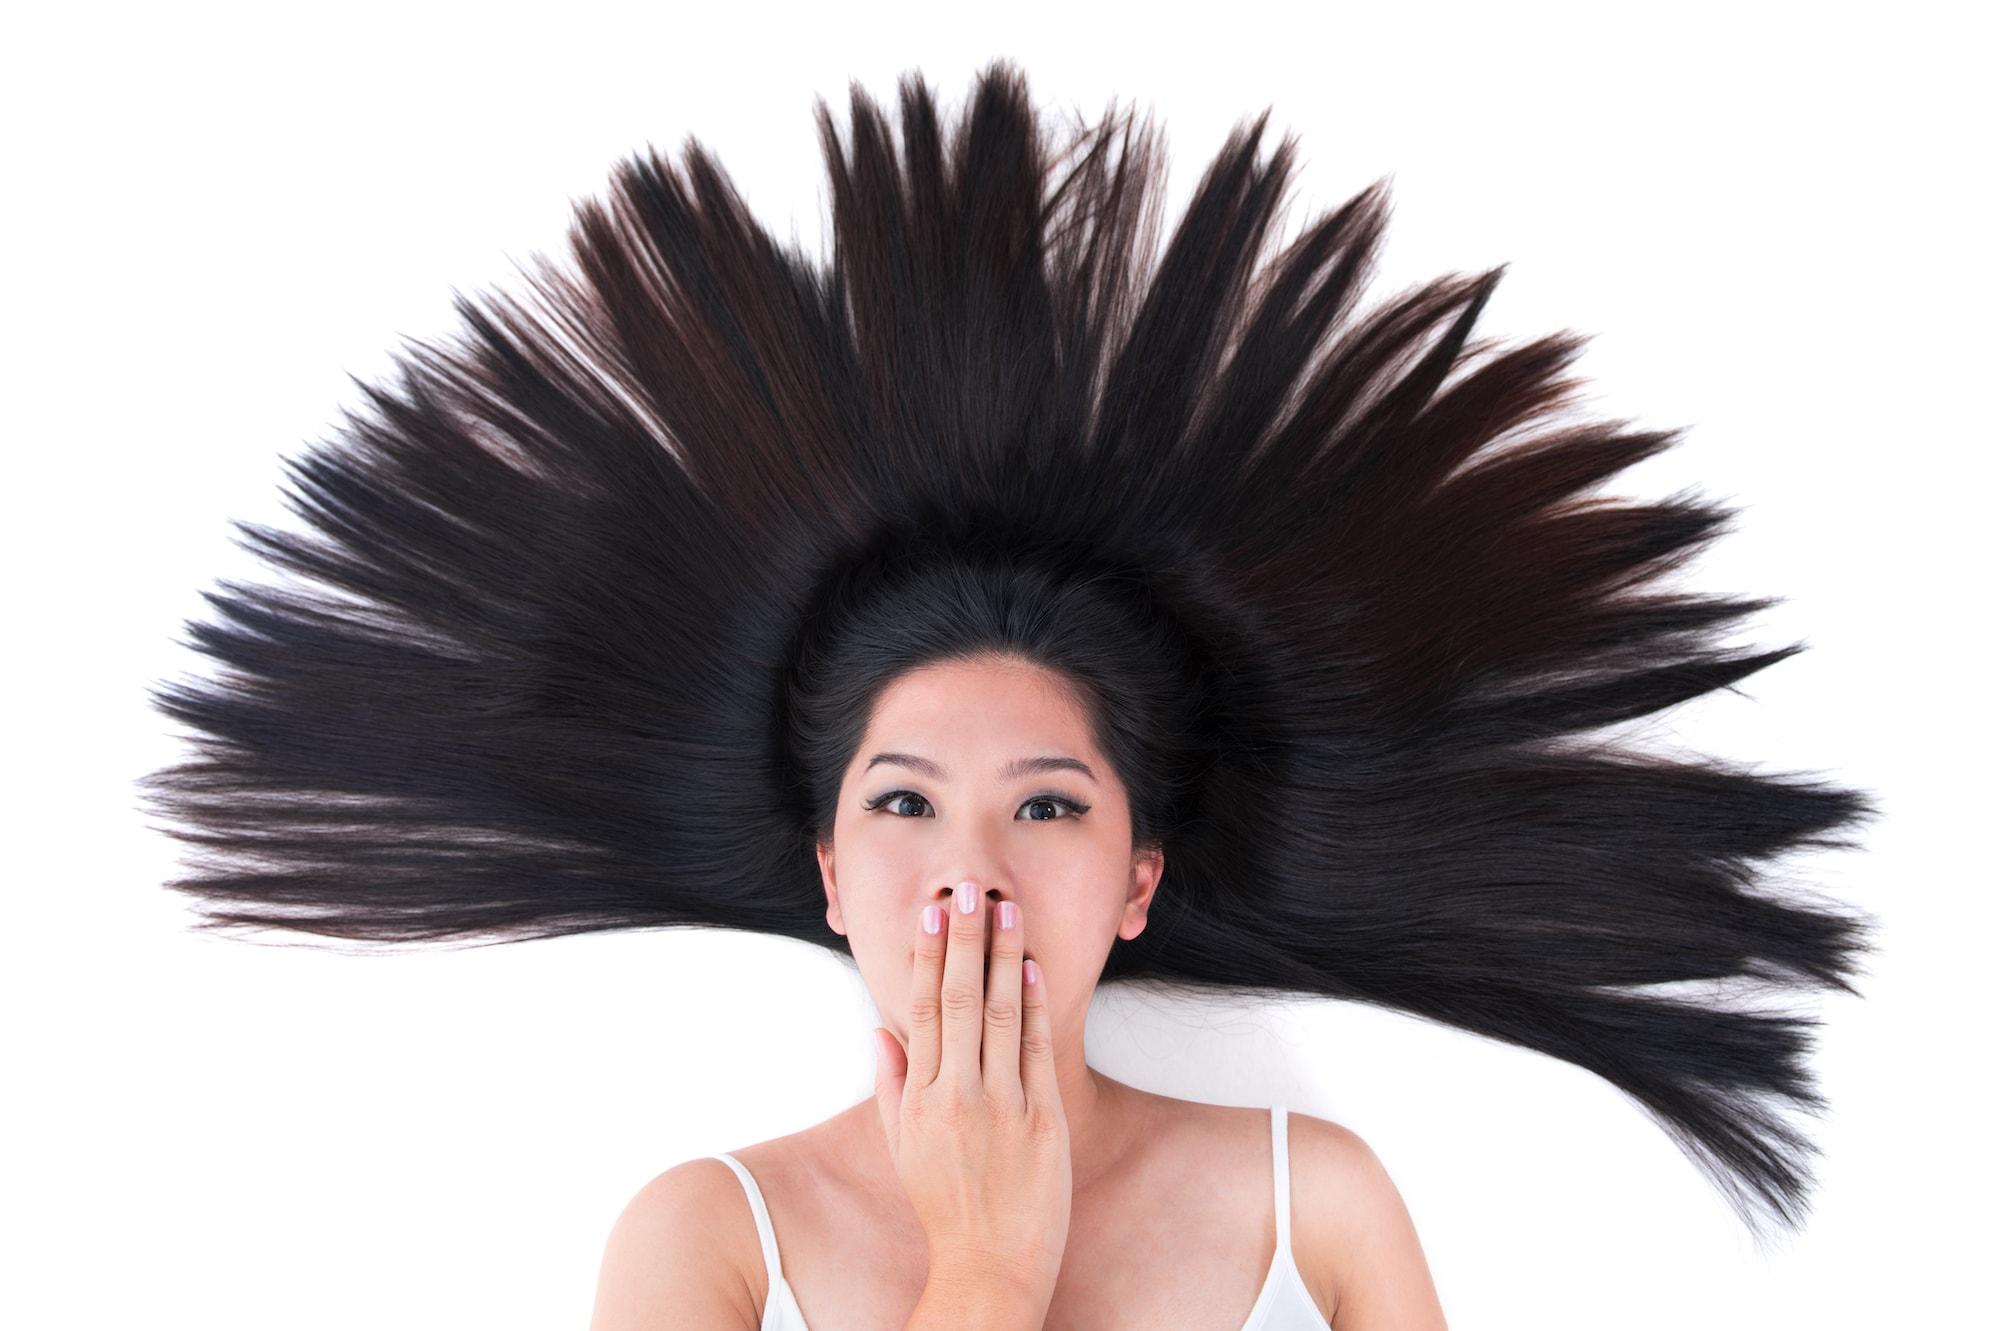 perempuan berbaring dengan rambut panjang, perbedaan smoothing dan rebonding